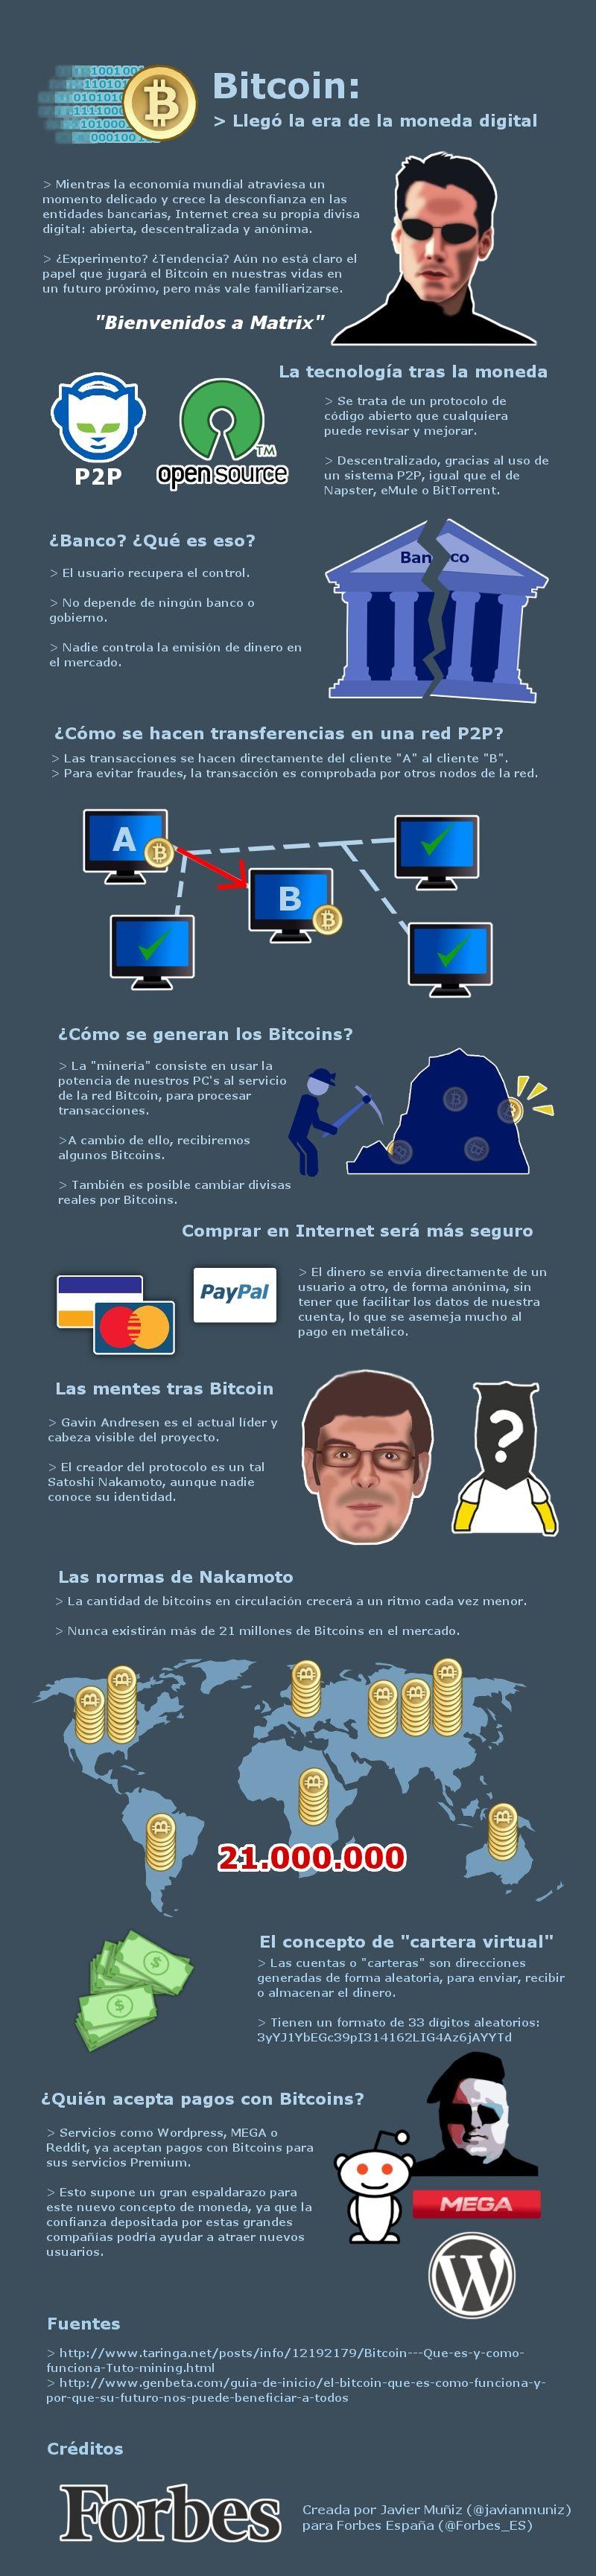 Bitcoin: llegó la era de la moneda digital @ Pinfographics